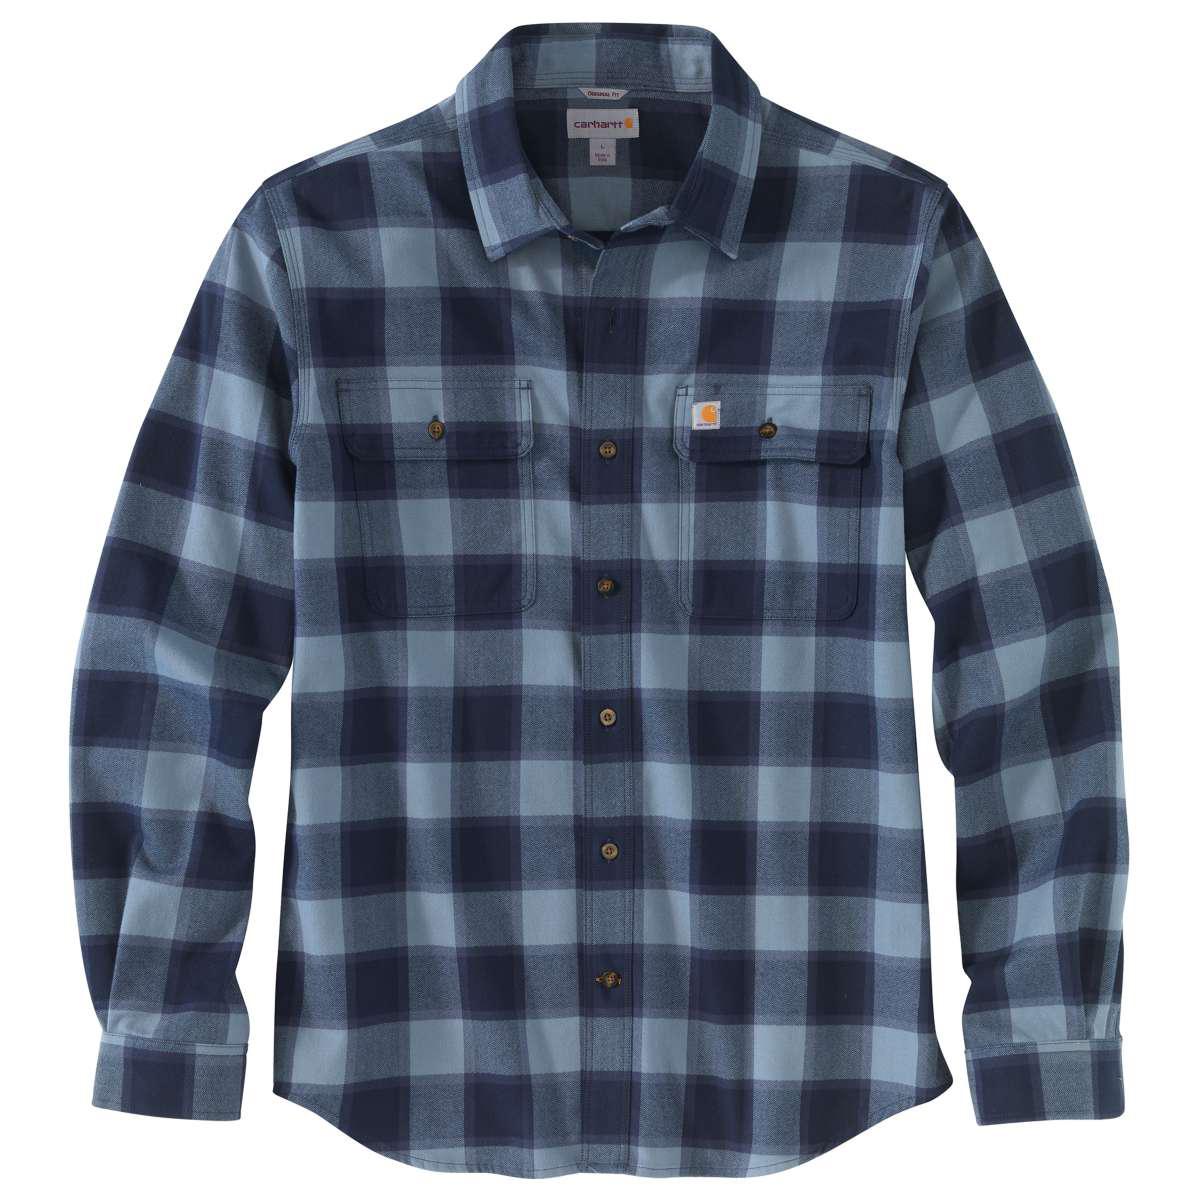 Carhartt Men's Hubbard Flannel Long-Sleeve Shirt - Blue, S